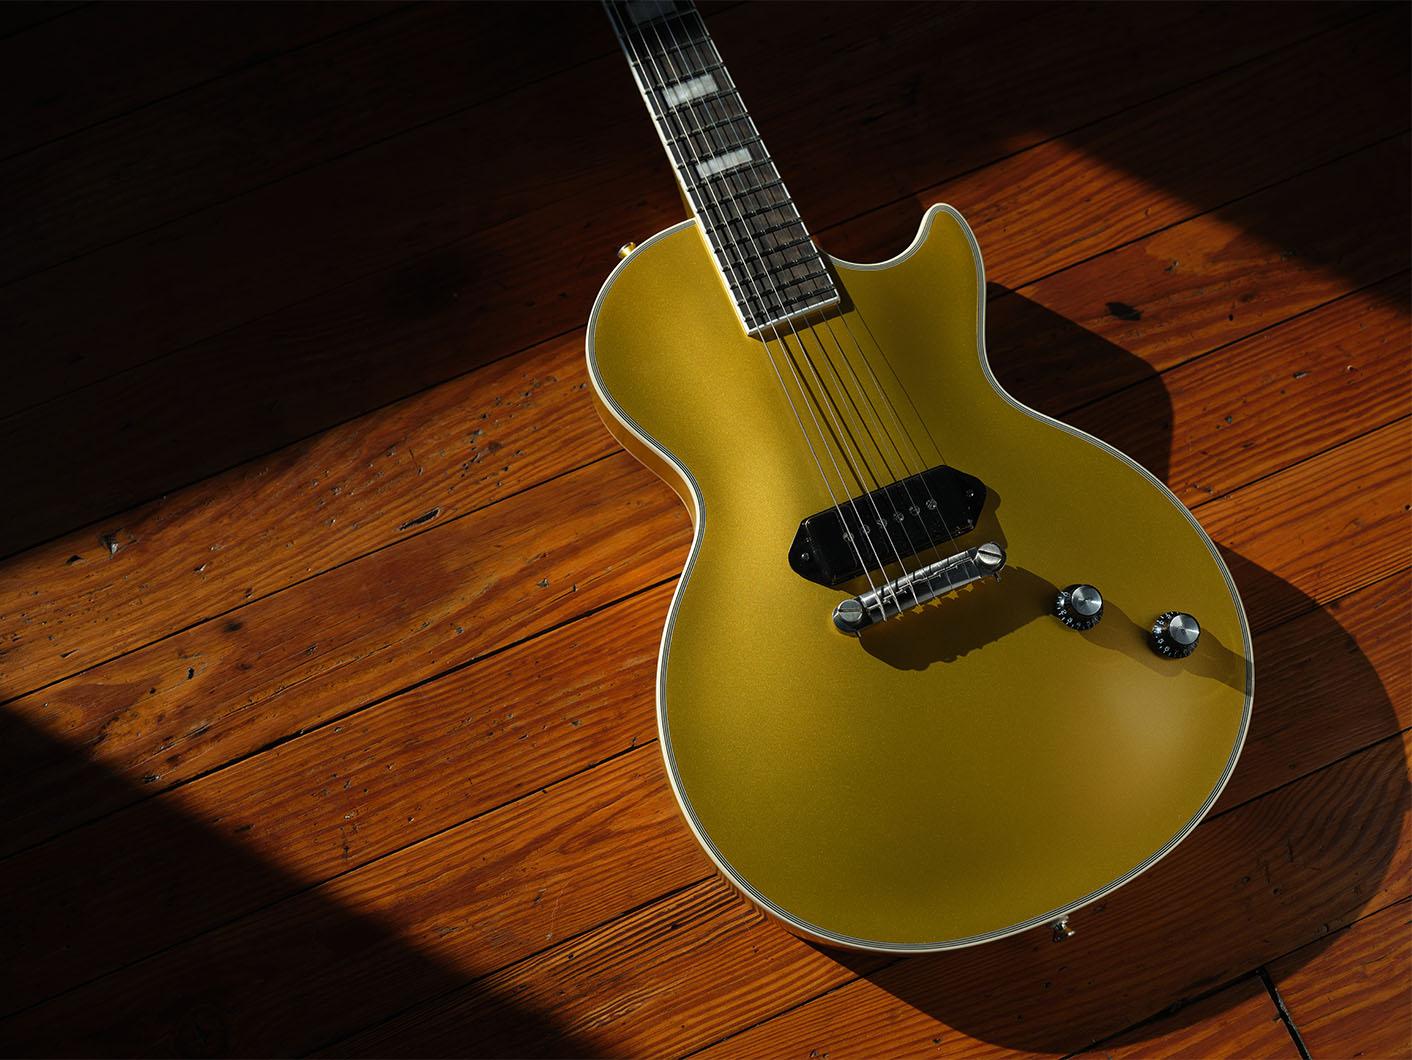 ジャレッド・ジェイムス・ニコルスの2本目のシグネチャー・ギターがエピフォンより発売